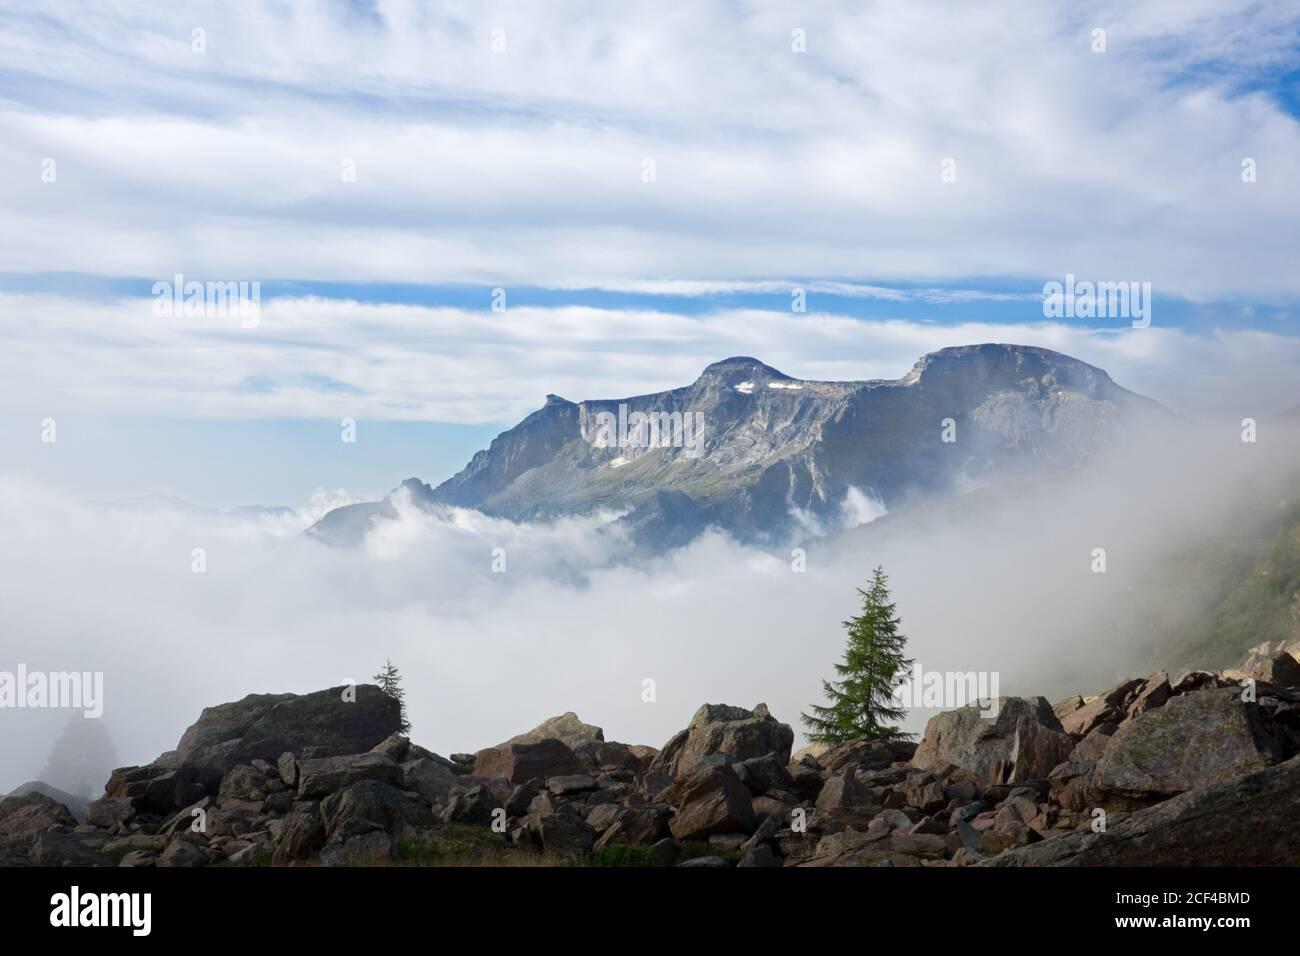 Berglandschaft im Morgengrauen mit einsamen Kiefern wächst zwischen riesigen Felsbrocken, Nebel im Tal Stockfoto